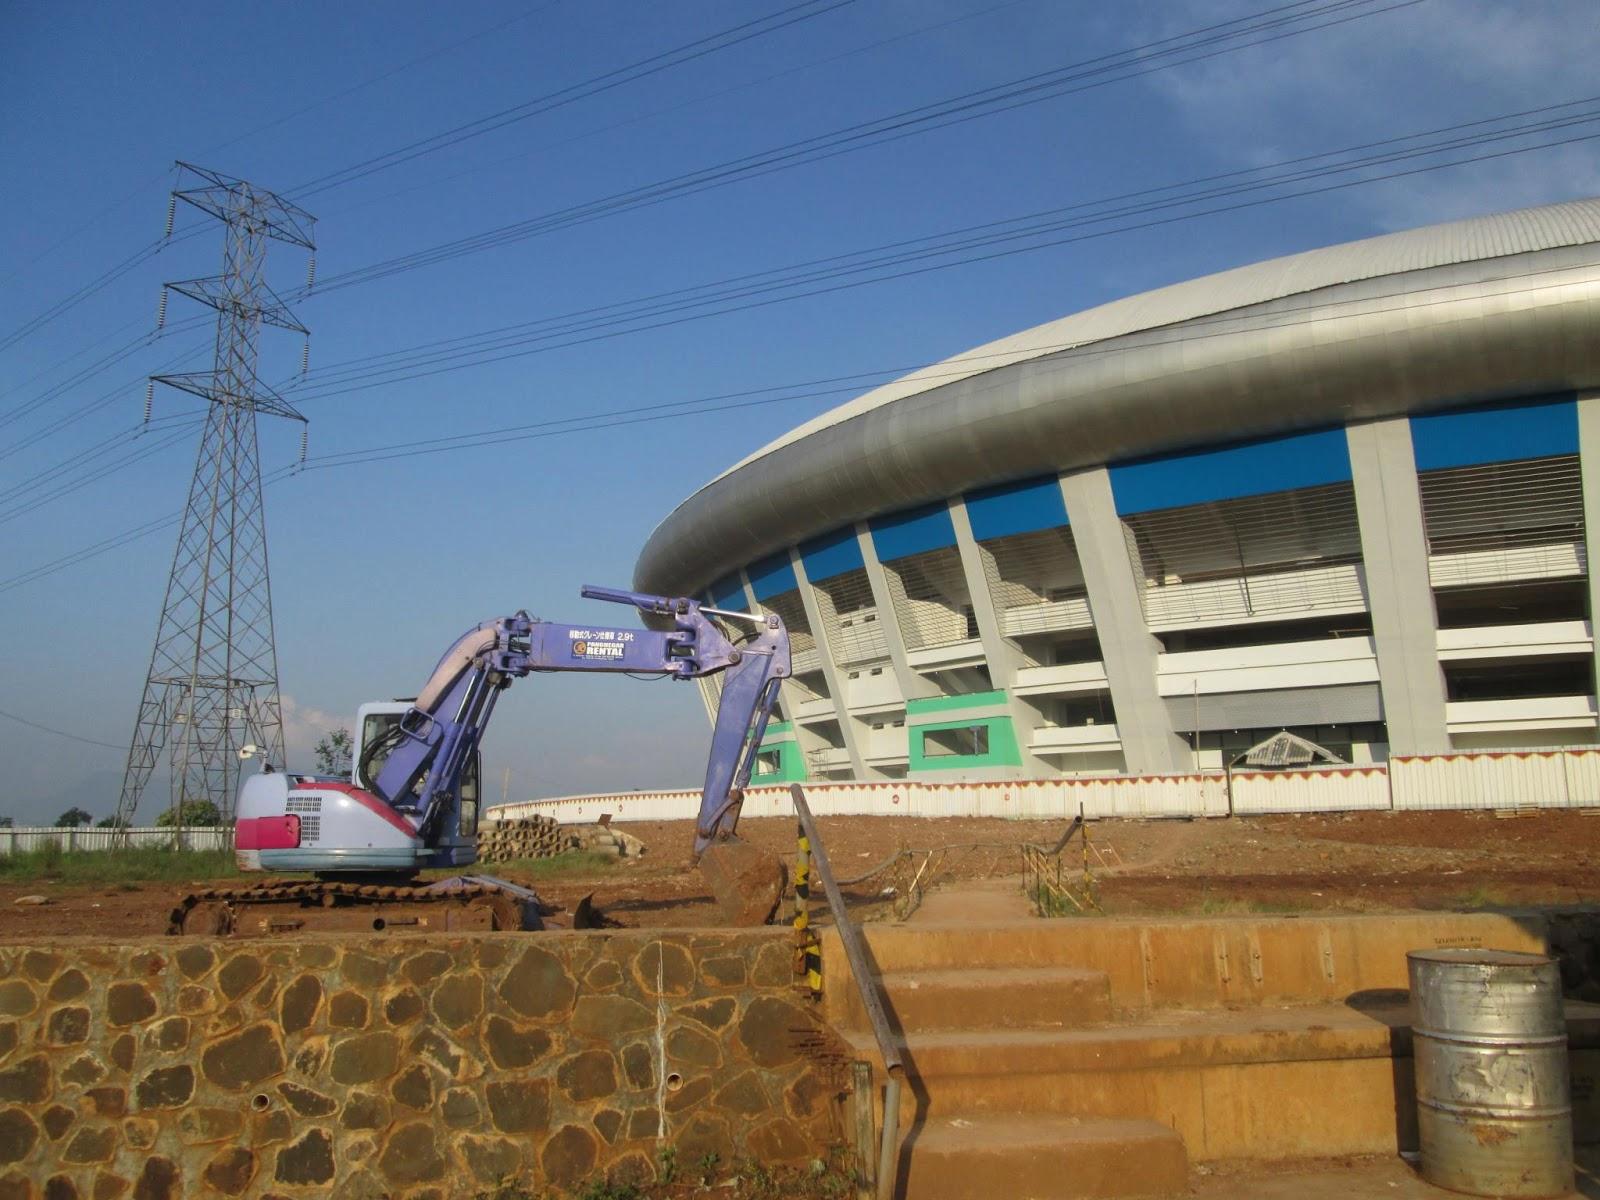 Inilah foto terbaru stadion gelora bandung lautan api yang saya ambil ...